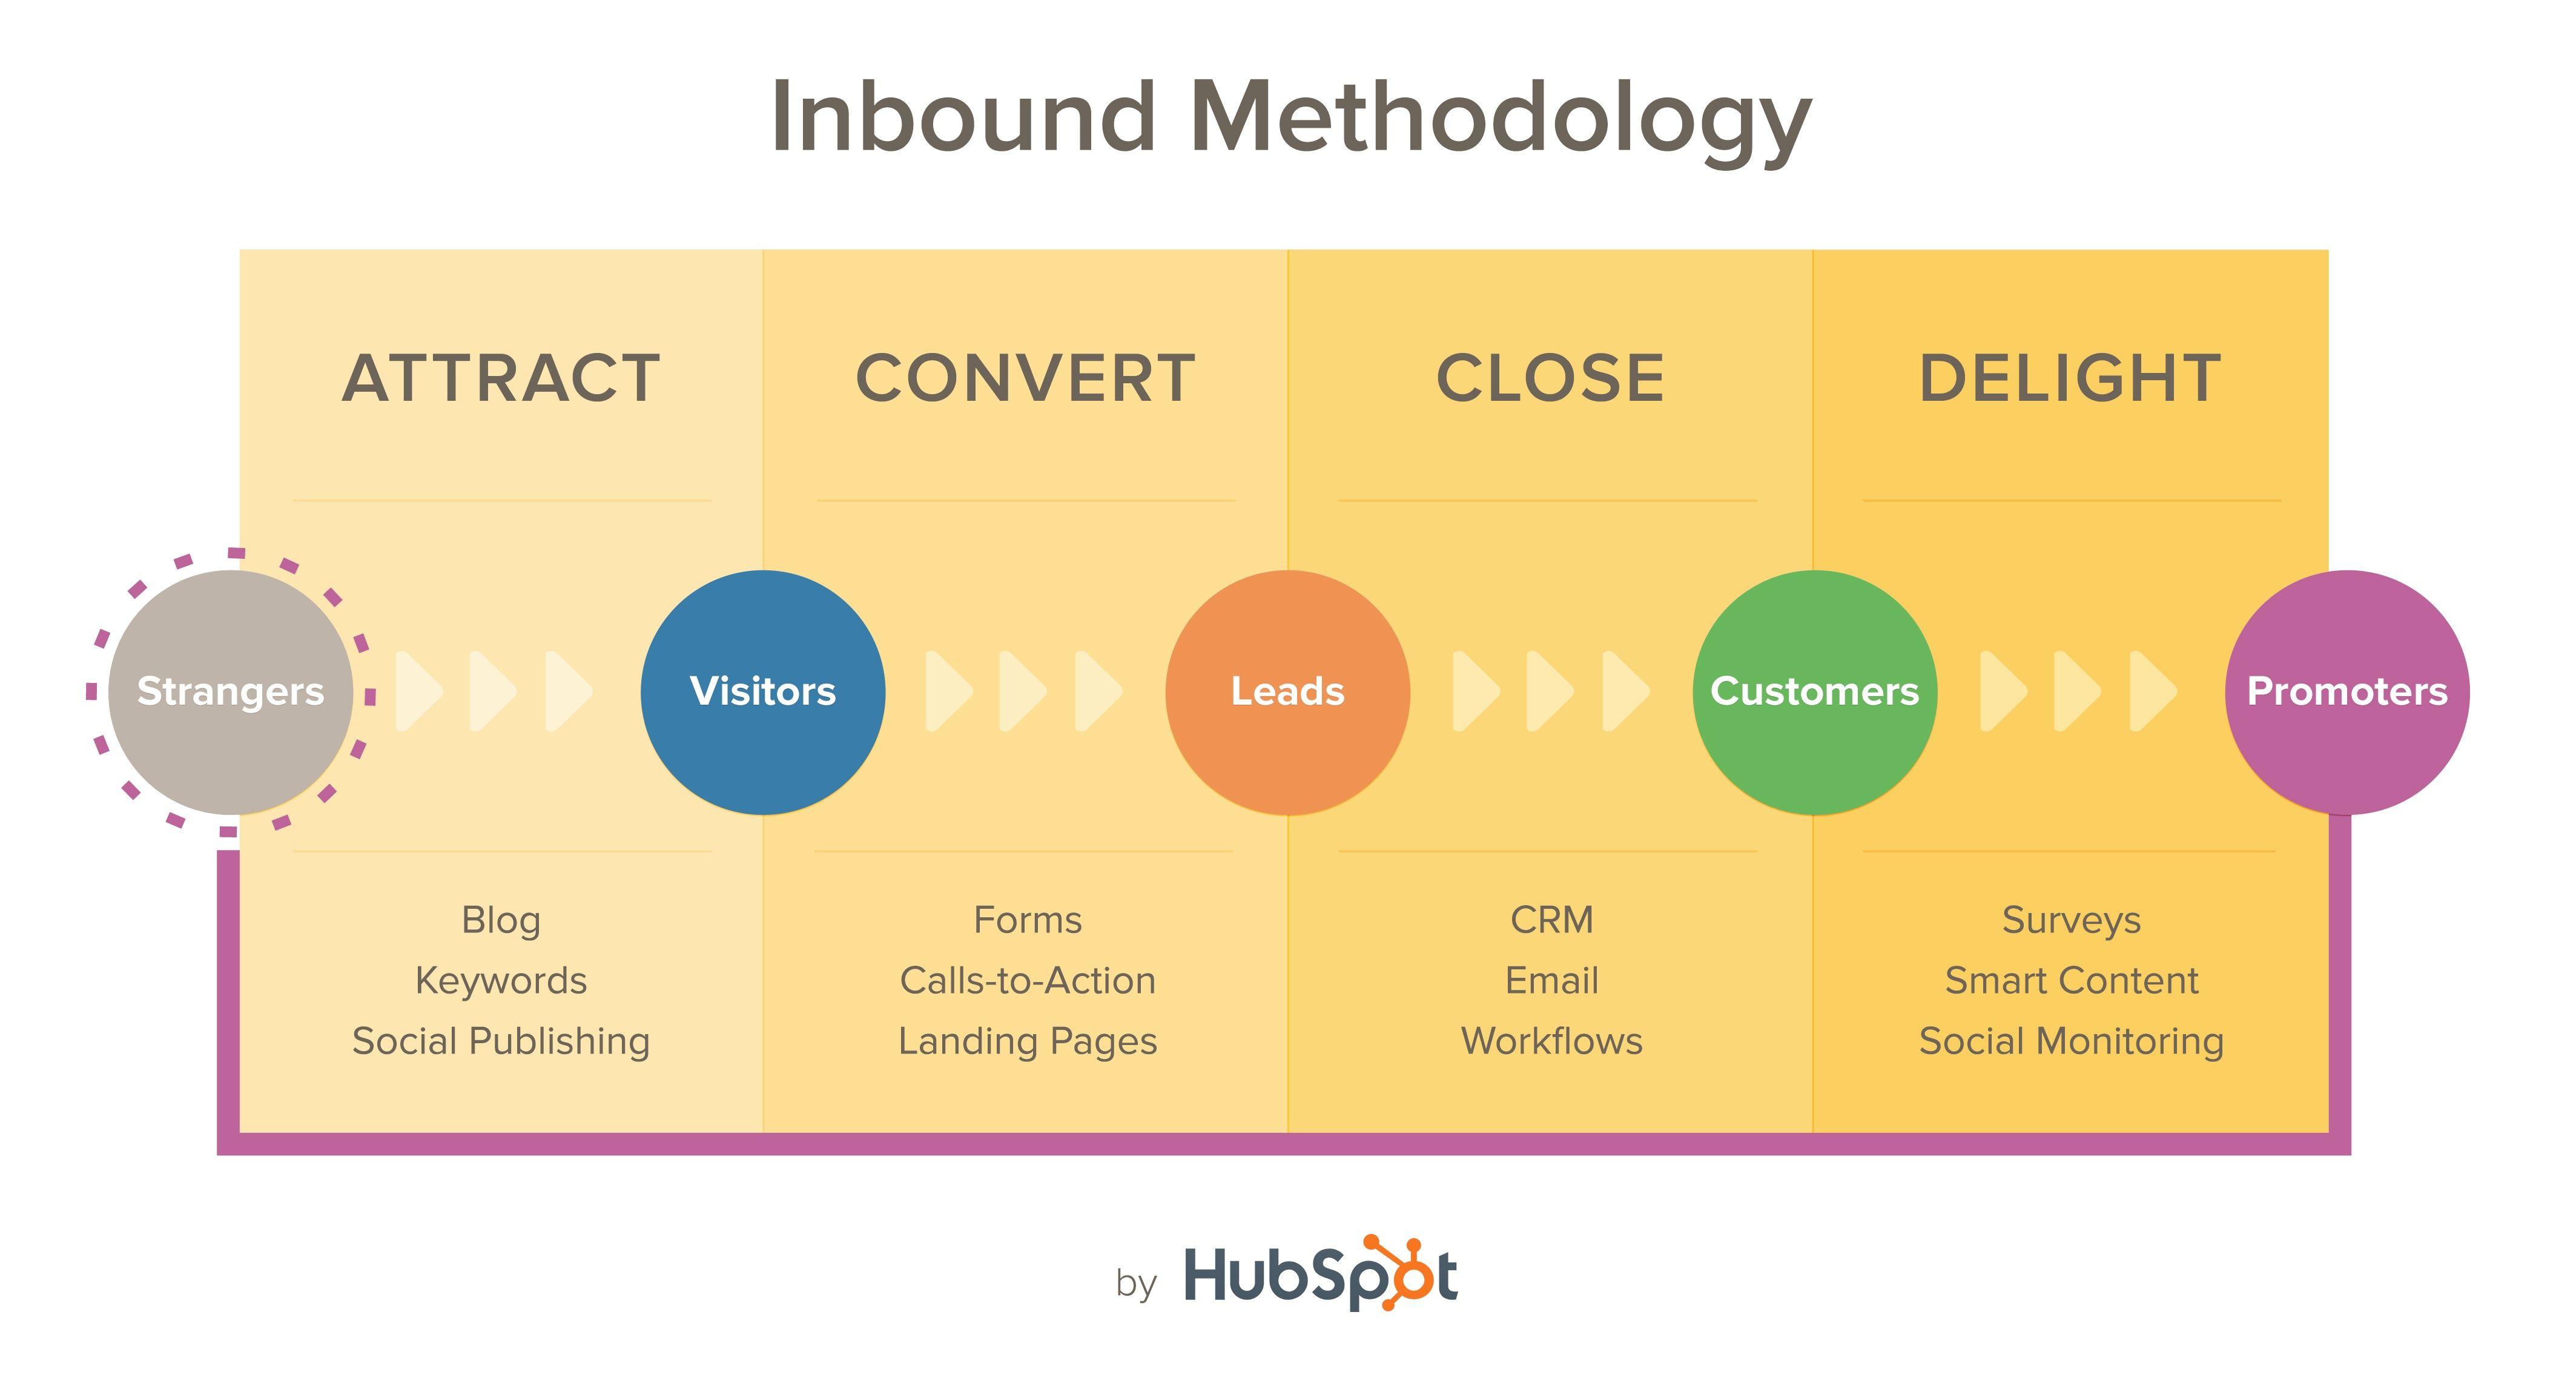 inbound marketing methods